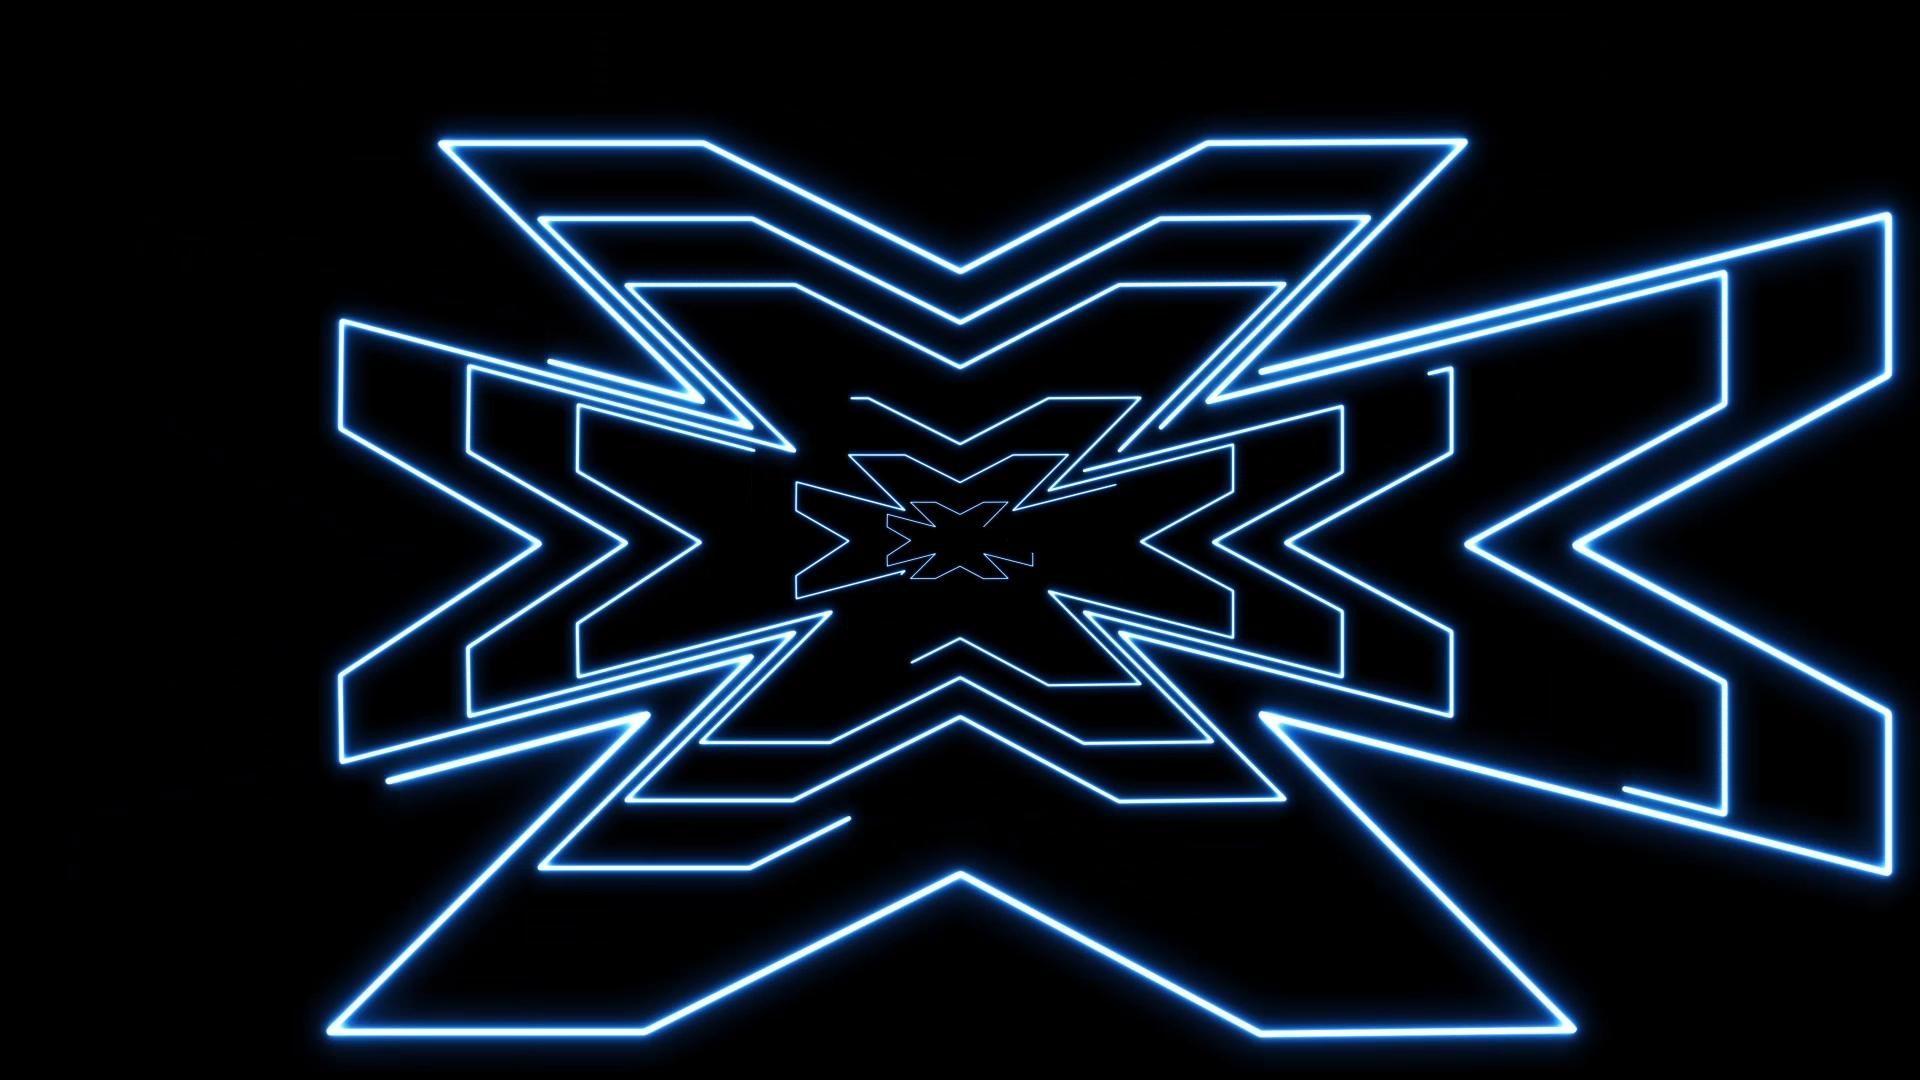 Lights Neon Lines. Blue Neon VJ Loop. VJ Neon Loop. Full HD loop.